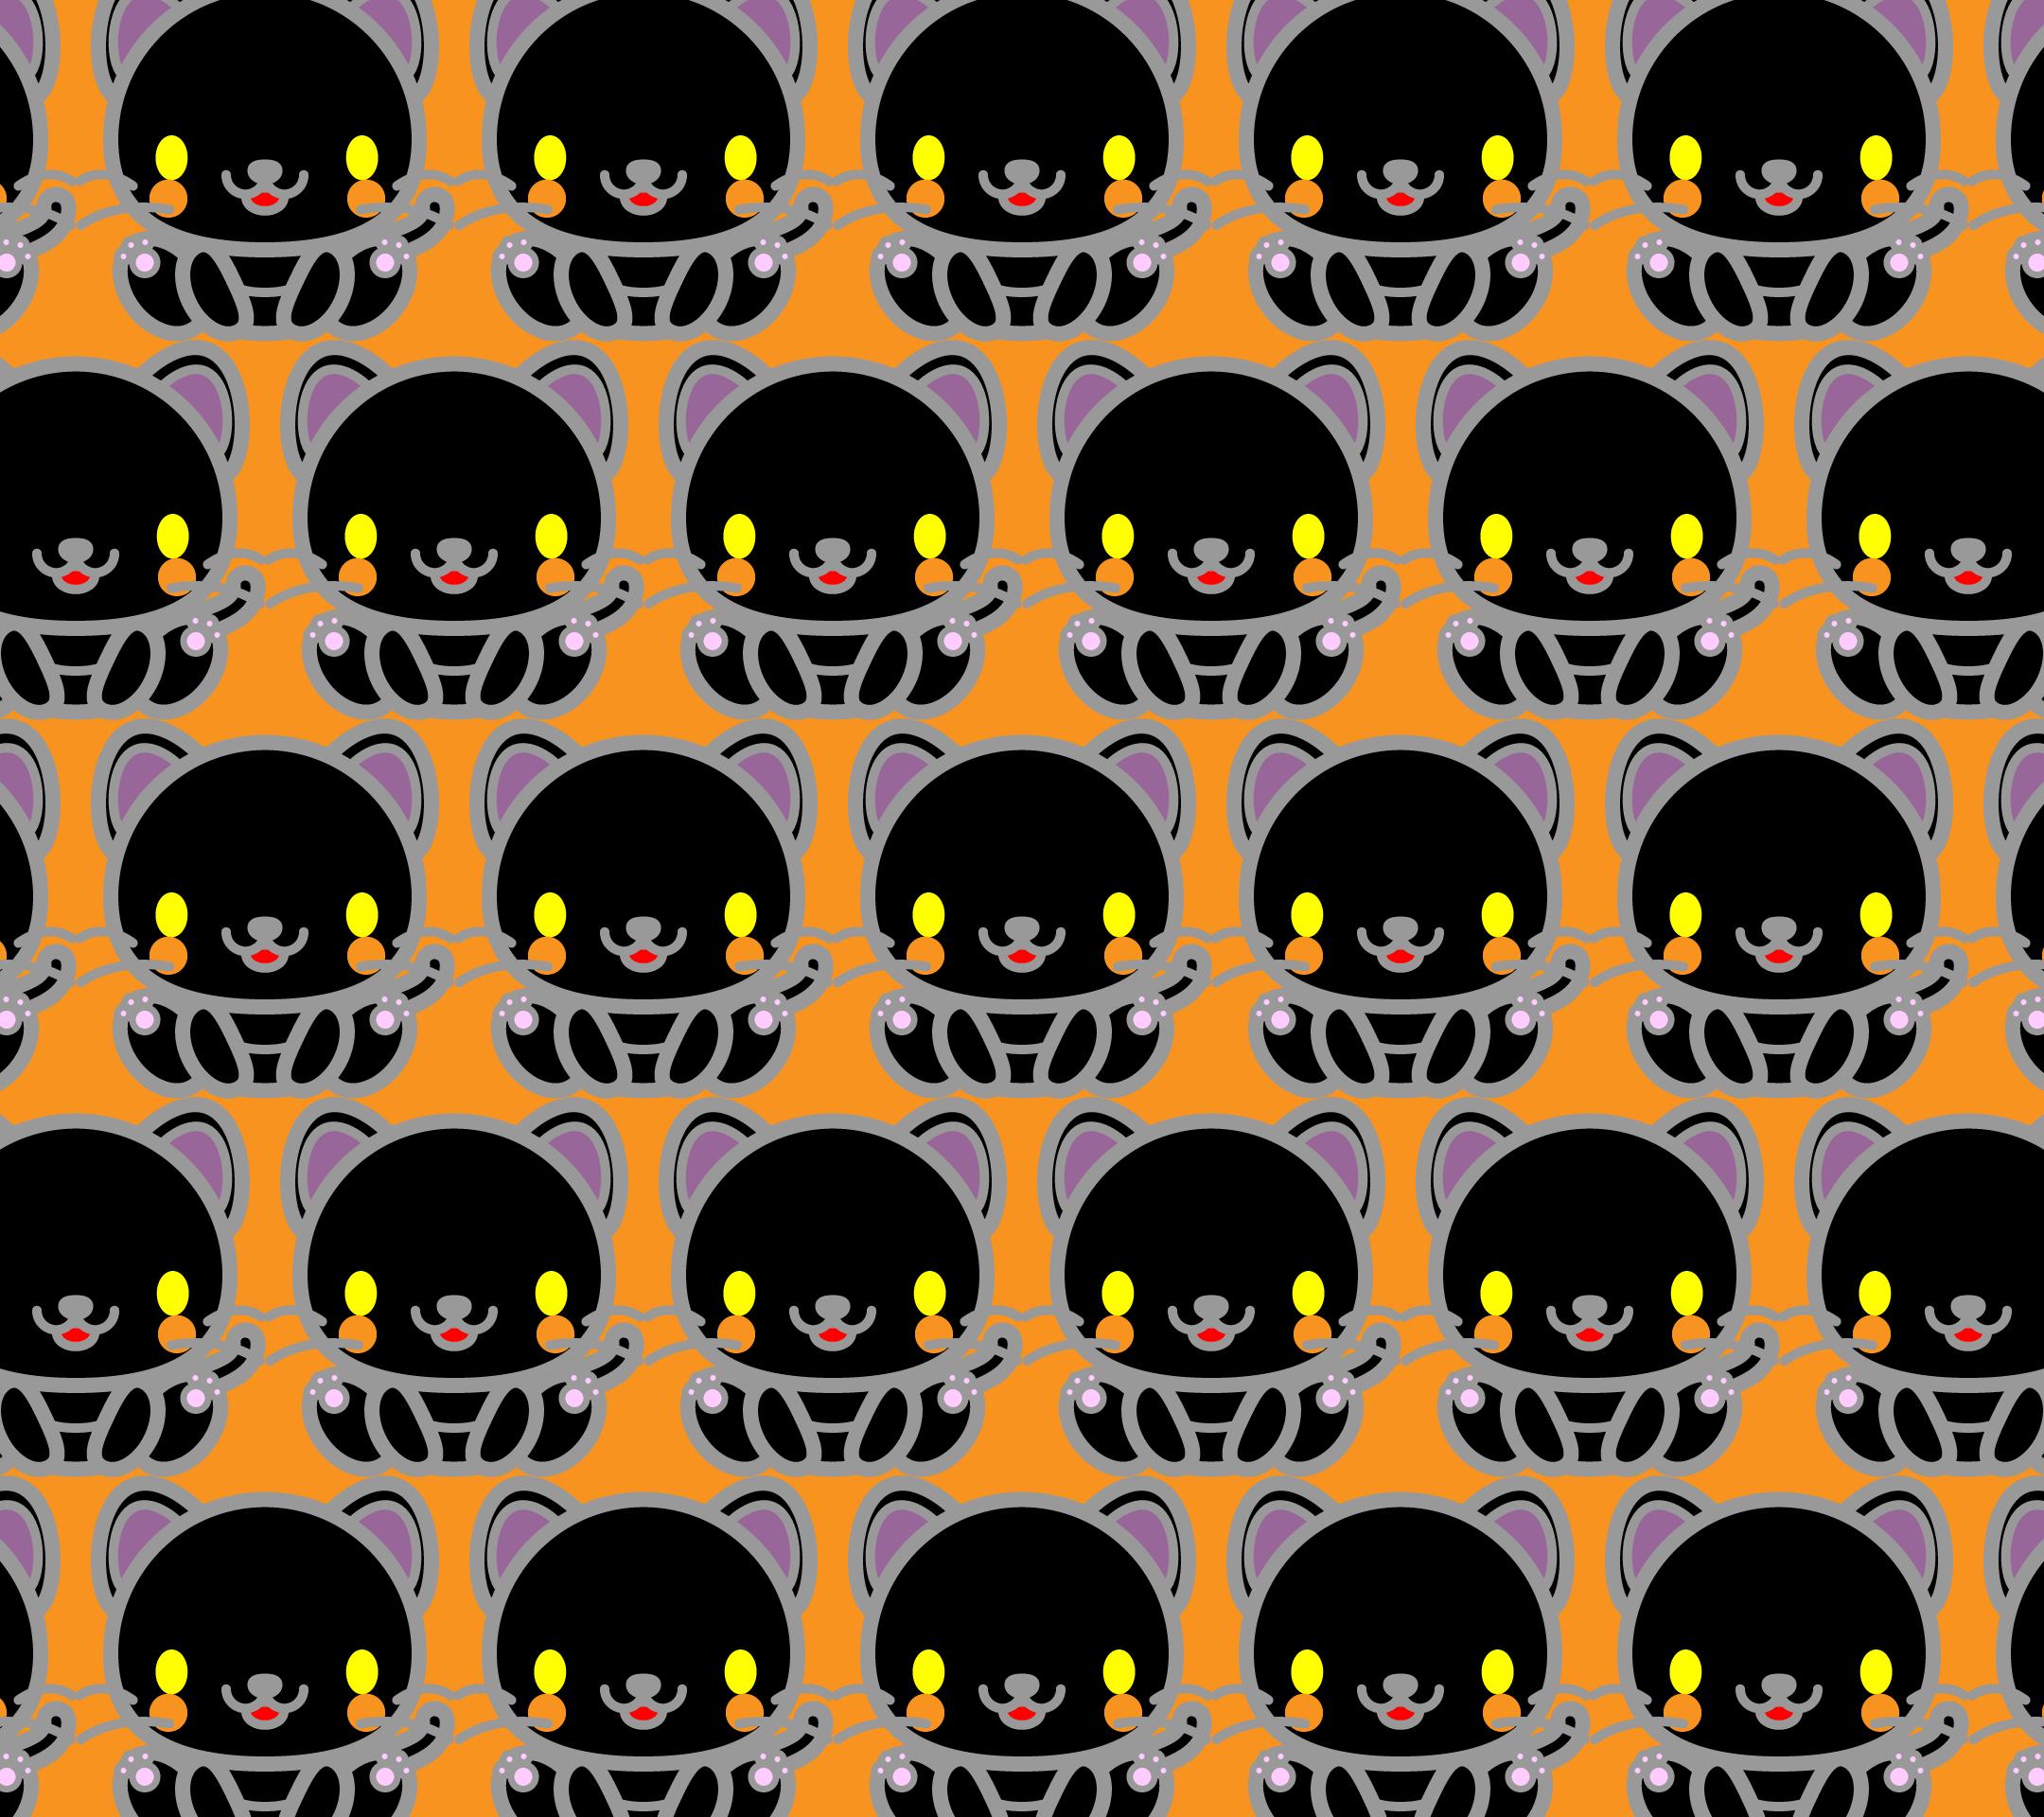 かわいい座り黒猫づくし壁紙(Android)の無料イラスト・商用フリー